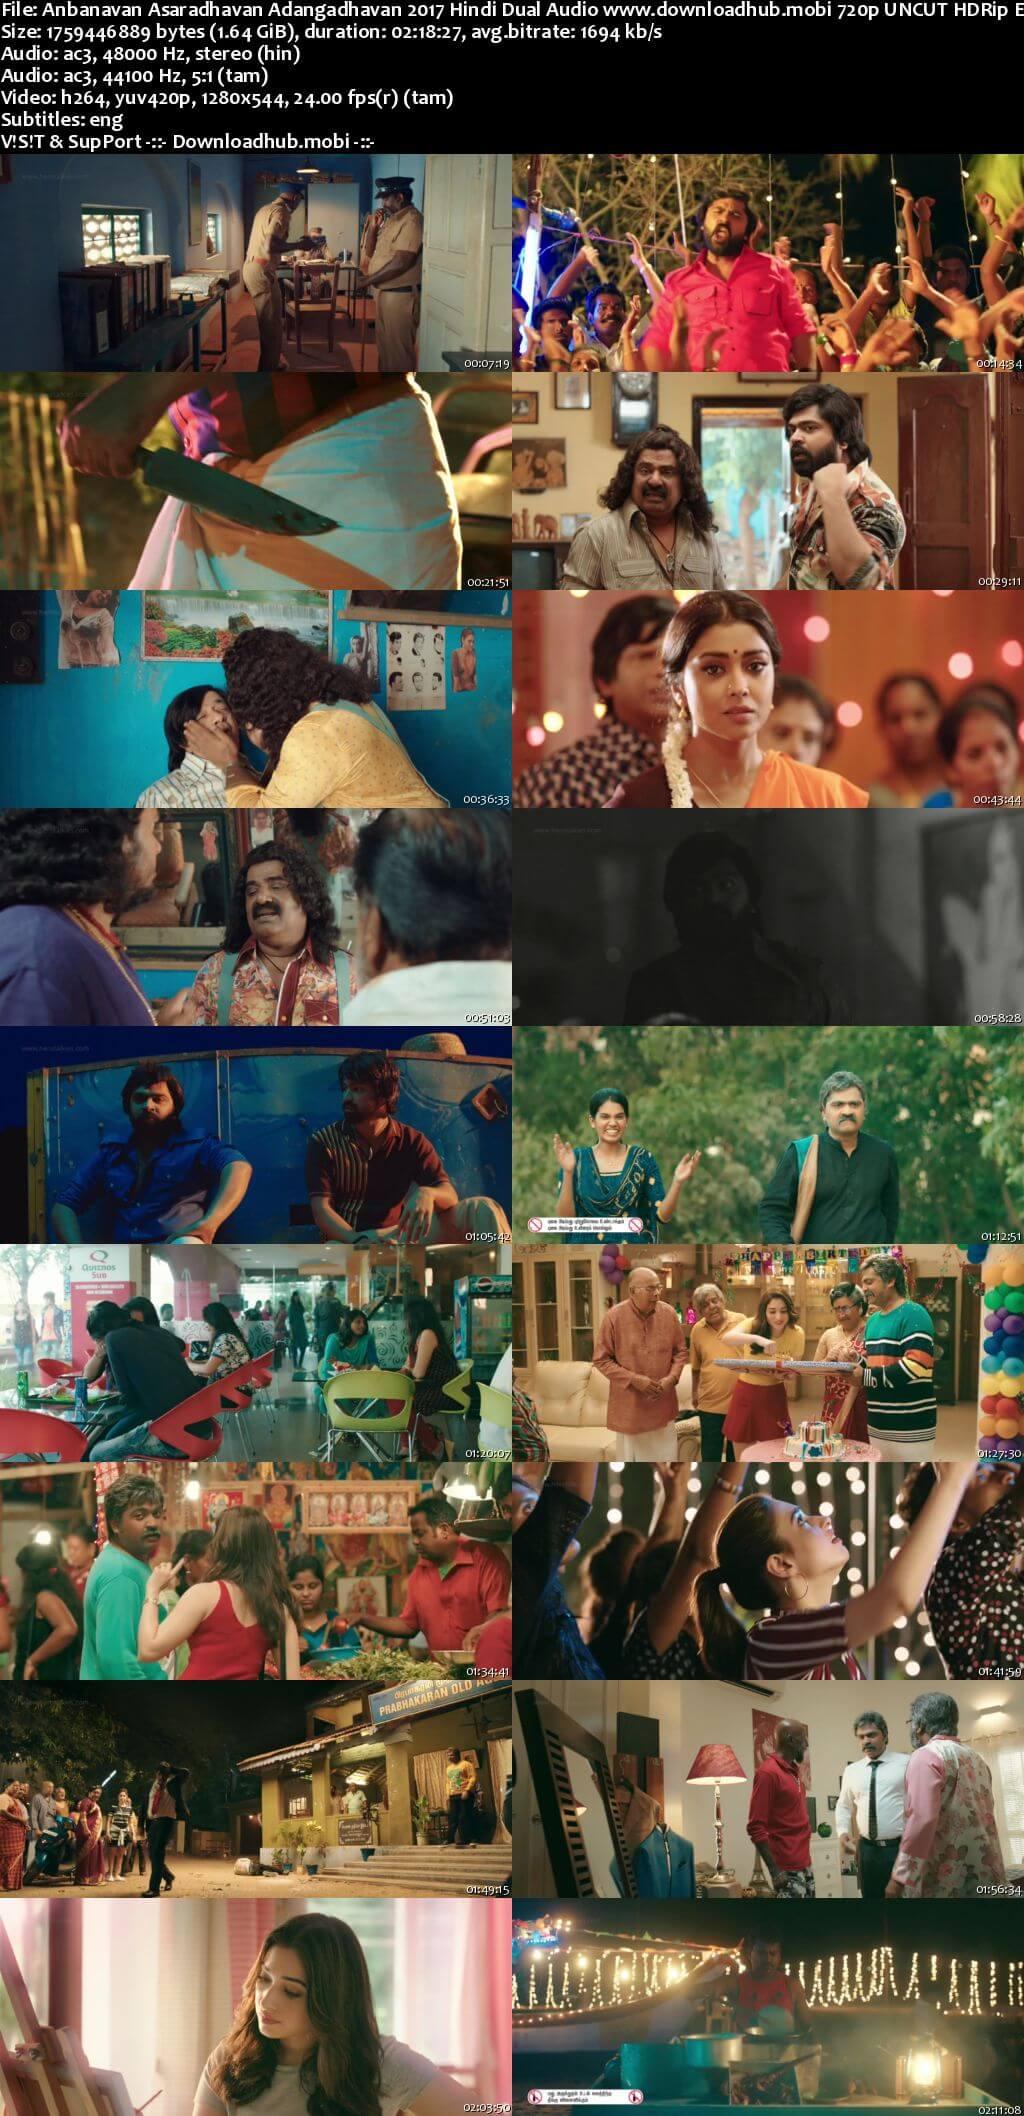 Anbanavan Asaradhavan Adangadhavan 2017 Hindi Dual Audio 720p UNCUT HDRip ESubs